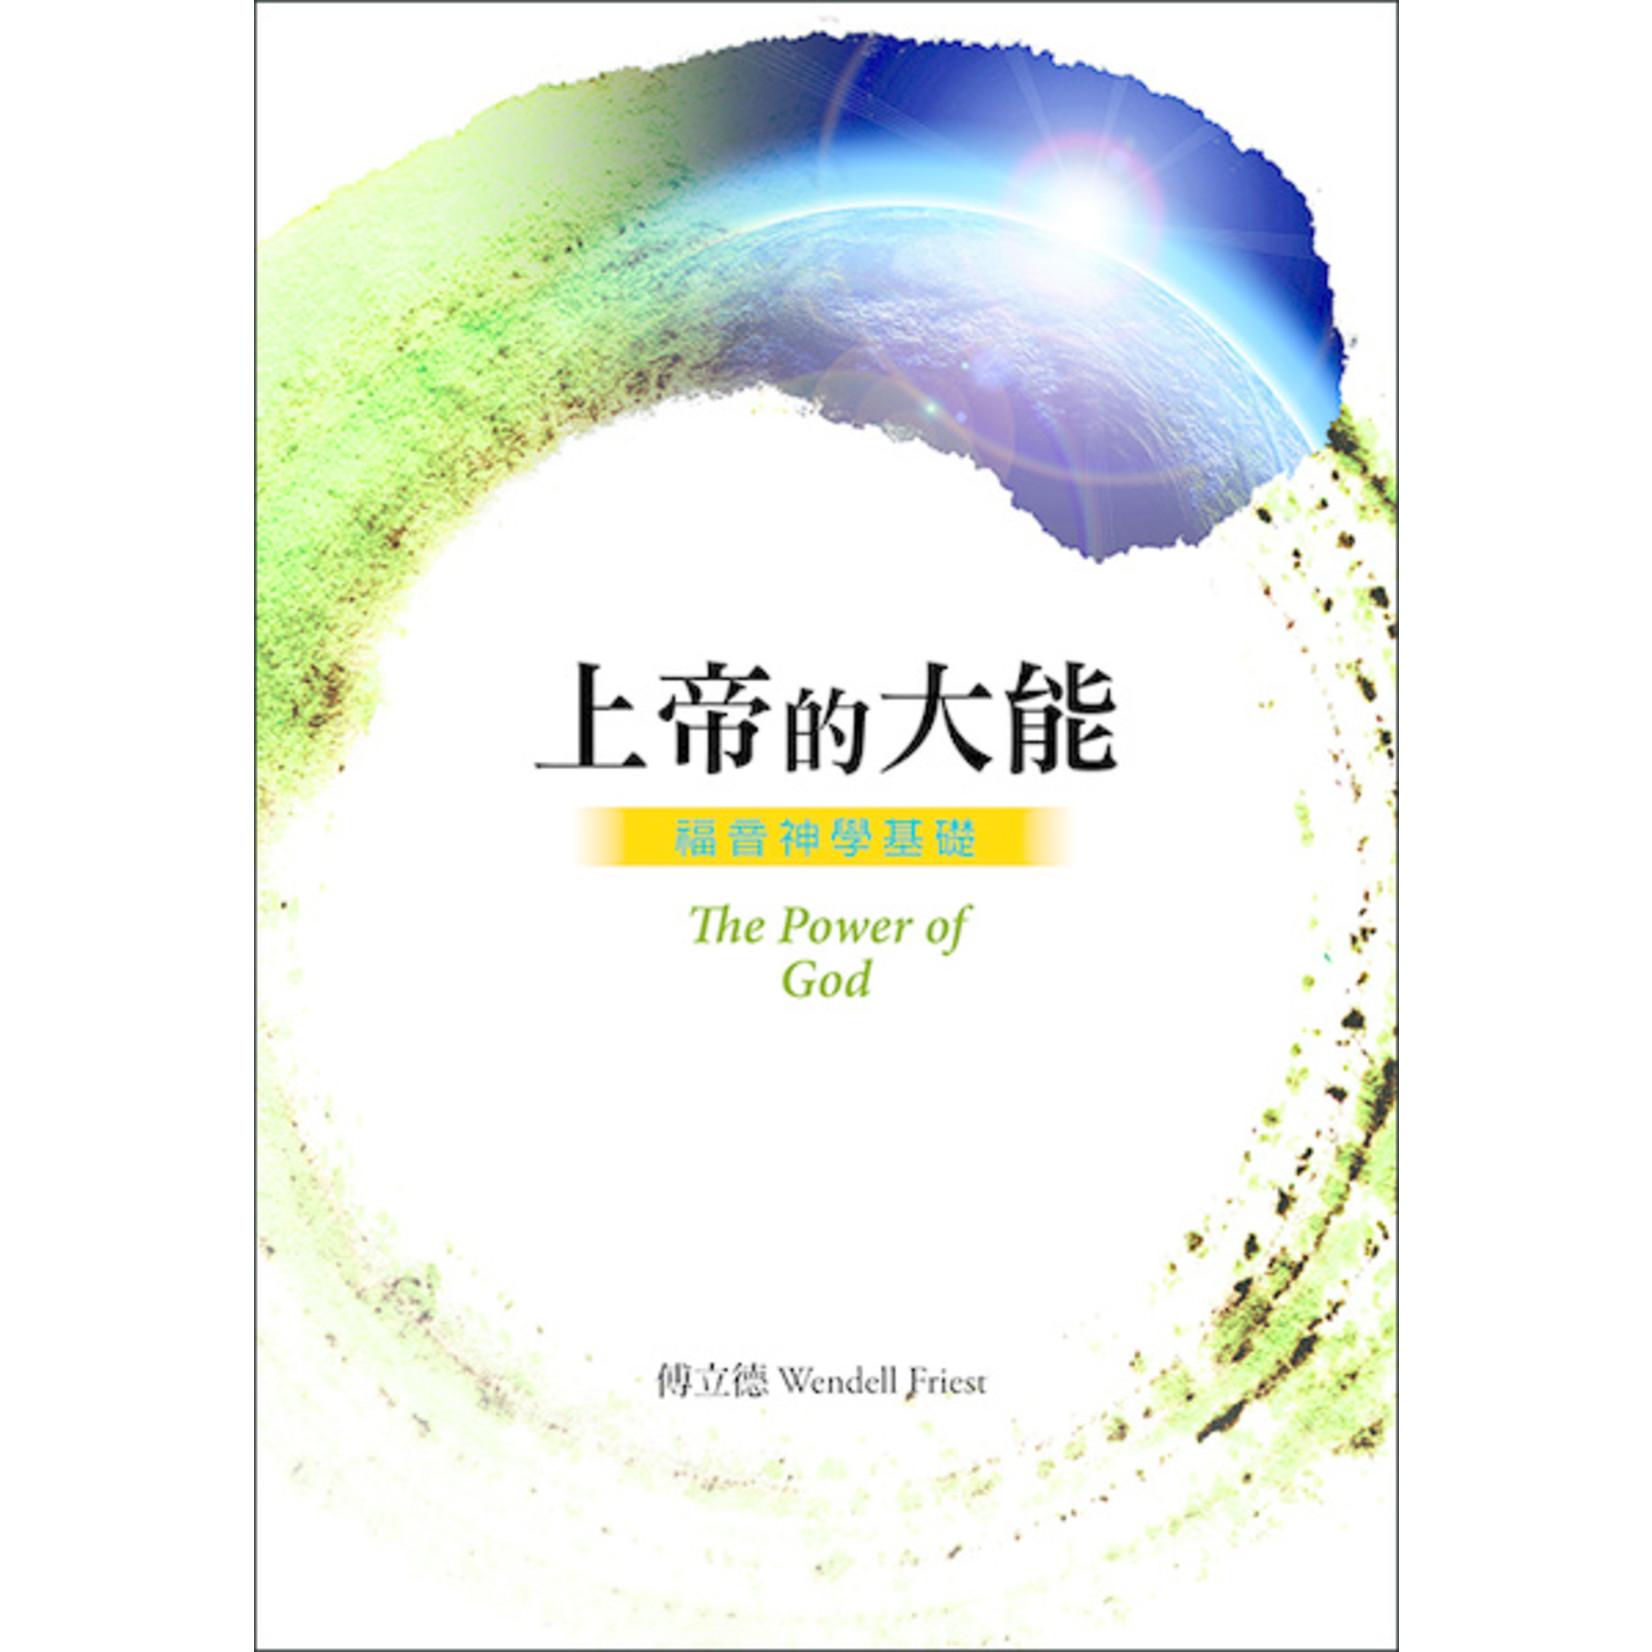 道聲 Taosheng Taiwan 上帝的大能:福音神學基礎 The Power of God